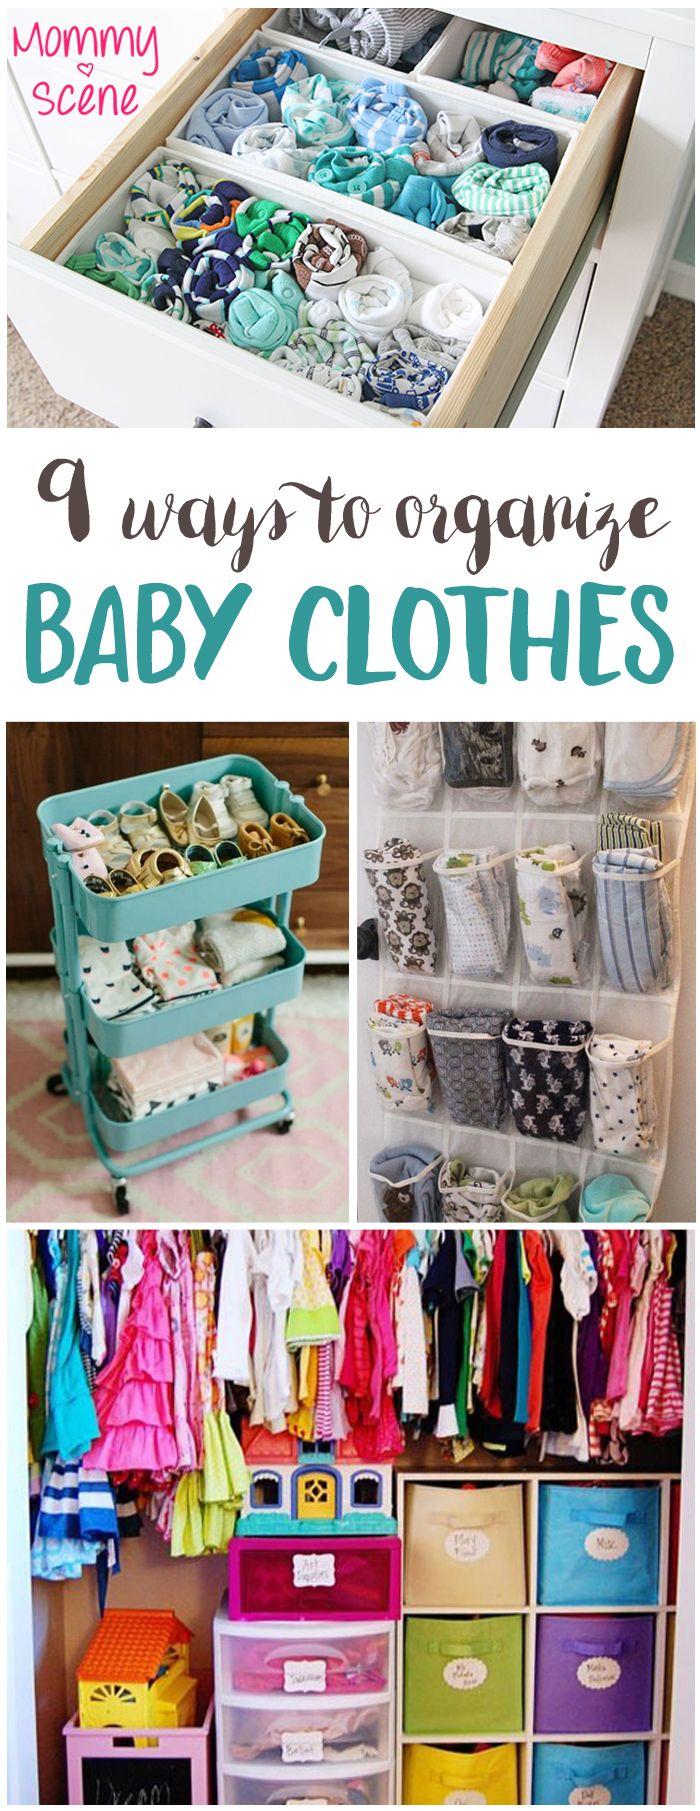 Best 25+ Baby clothes storage ideas on Pinterest ...